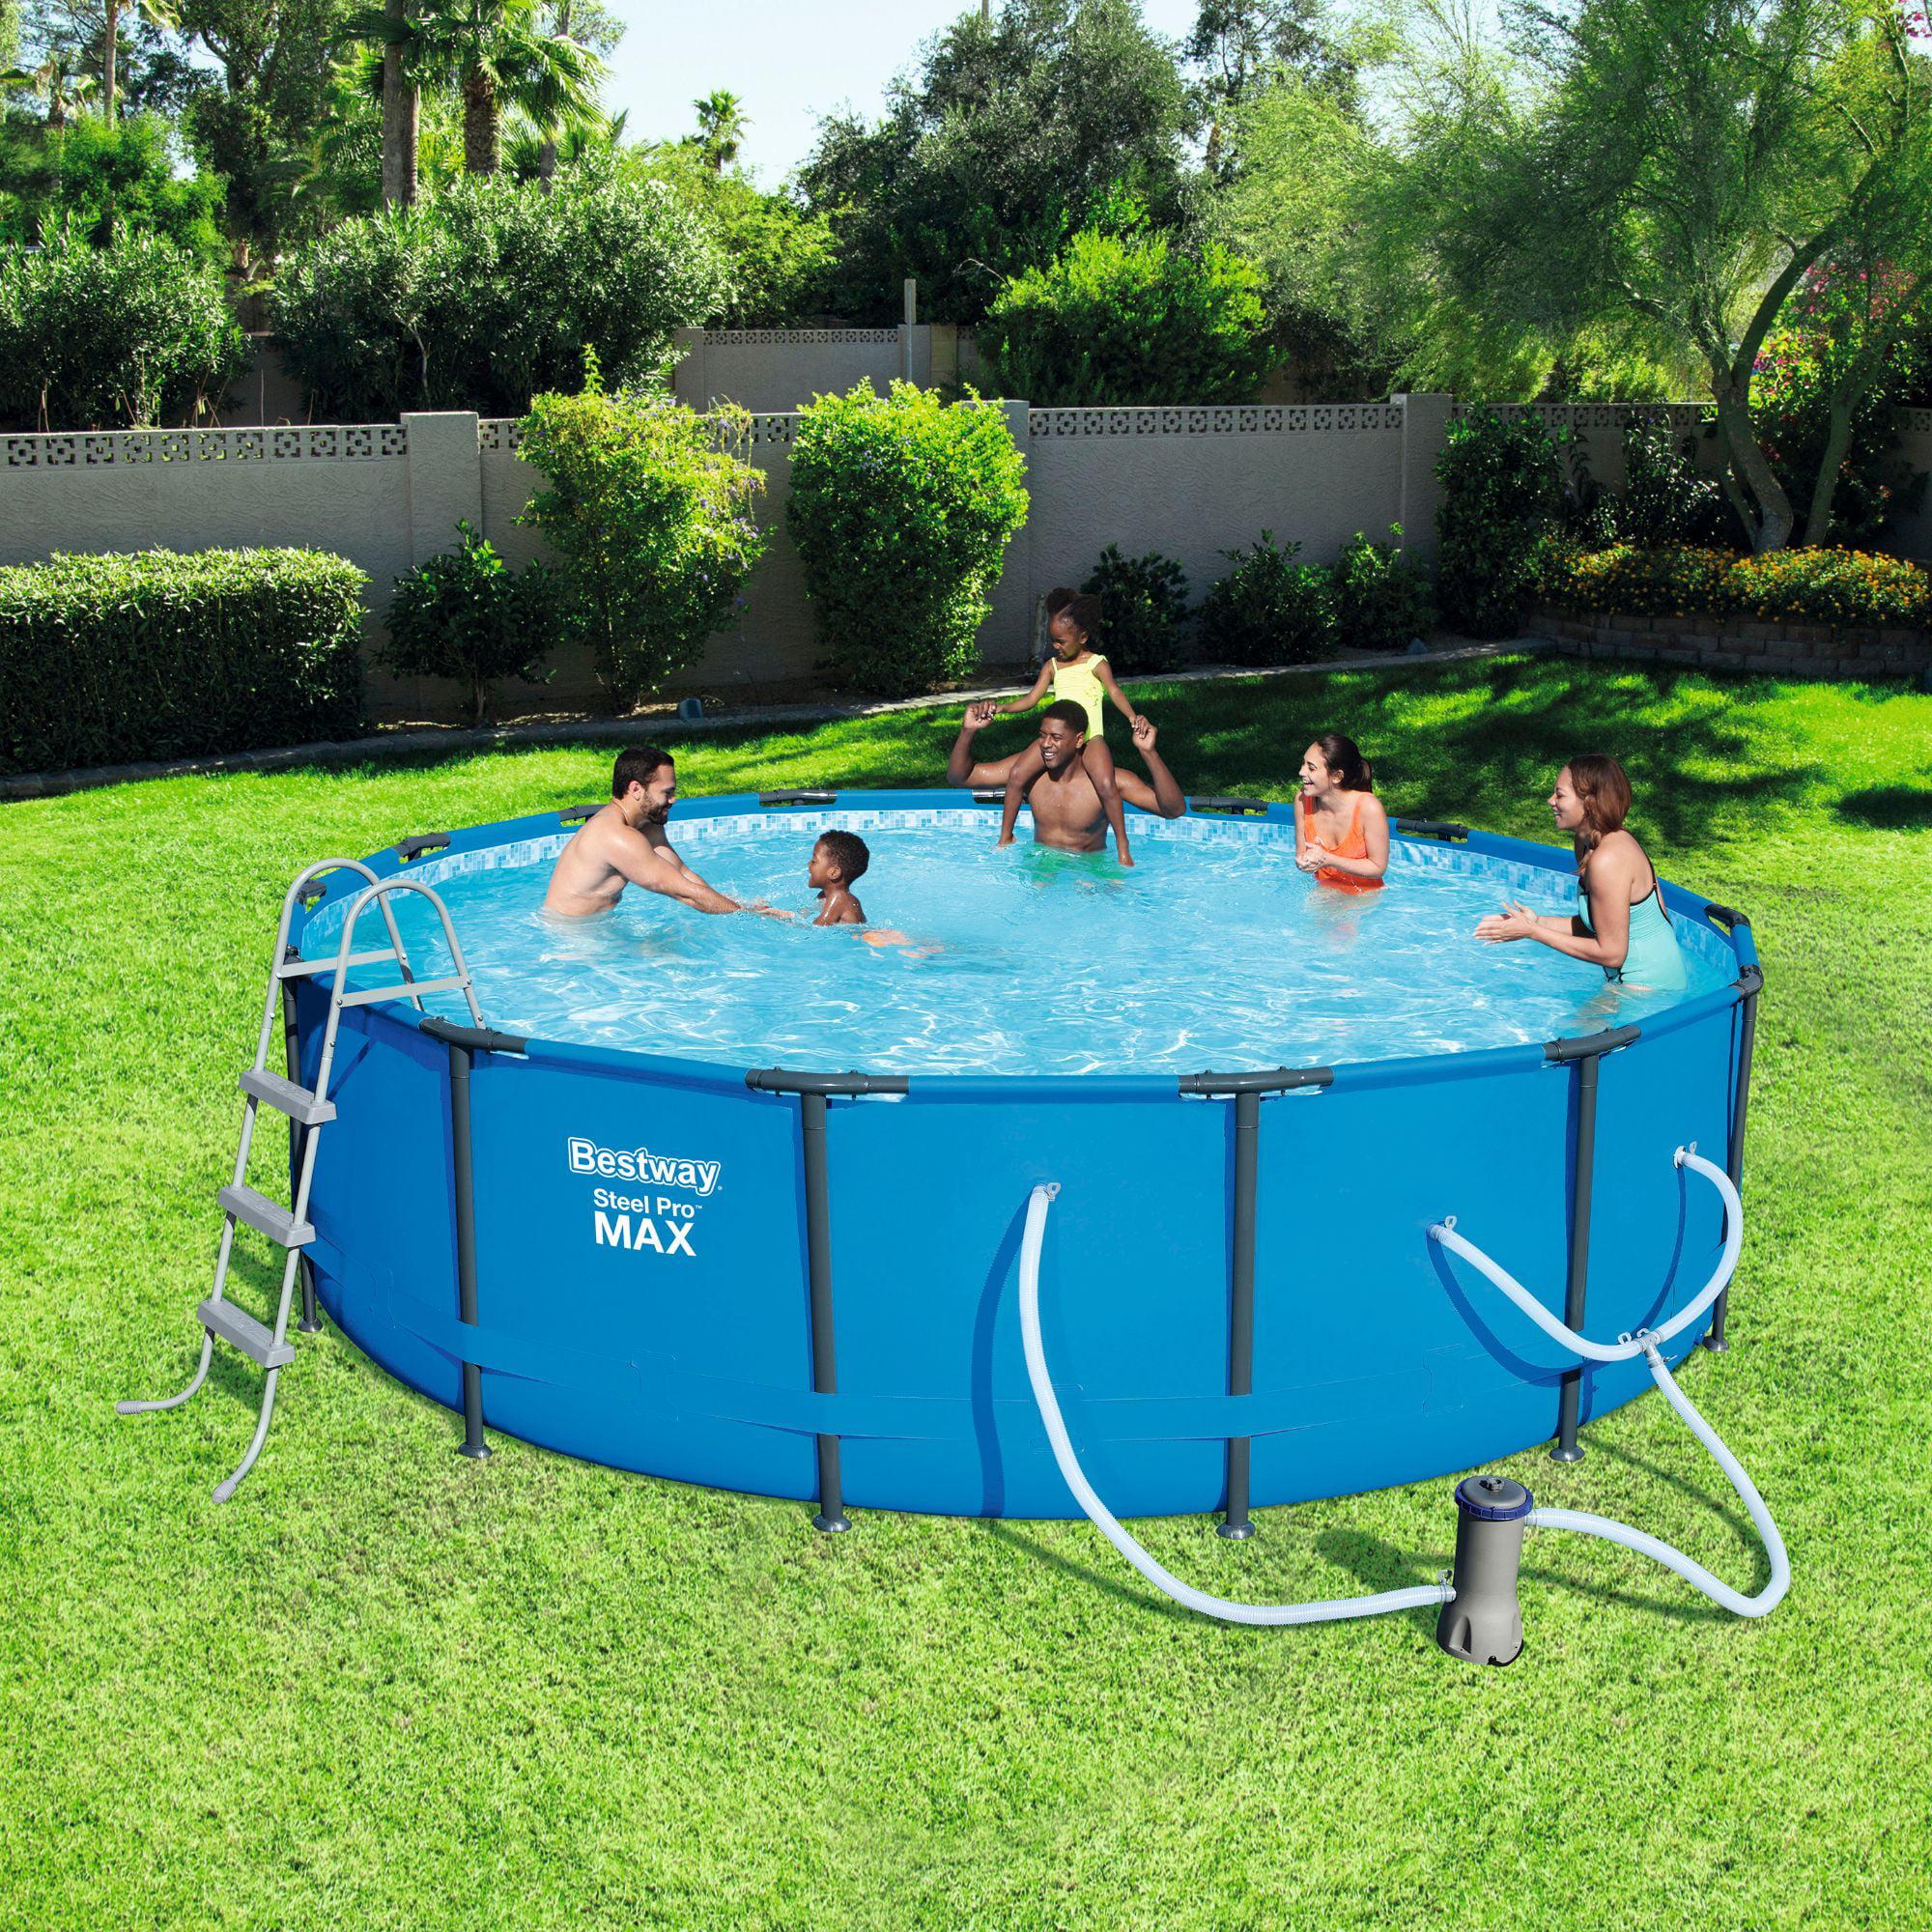 Bestway Steel Pro Max Swimming Pool Set With 1 000 Gph Filter Pump 15 X 42 Walmart Com Walmart Com